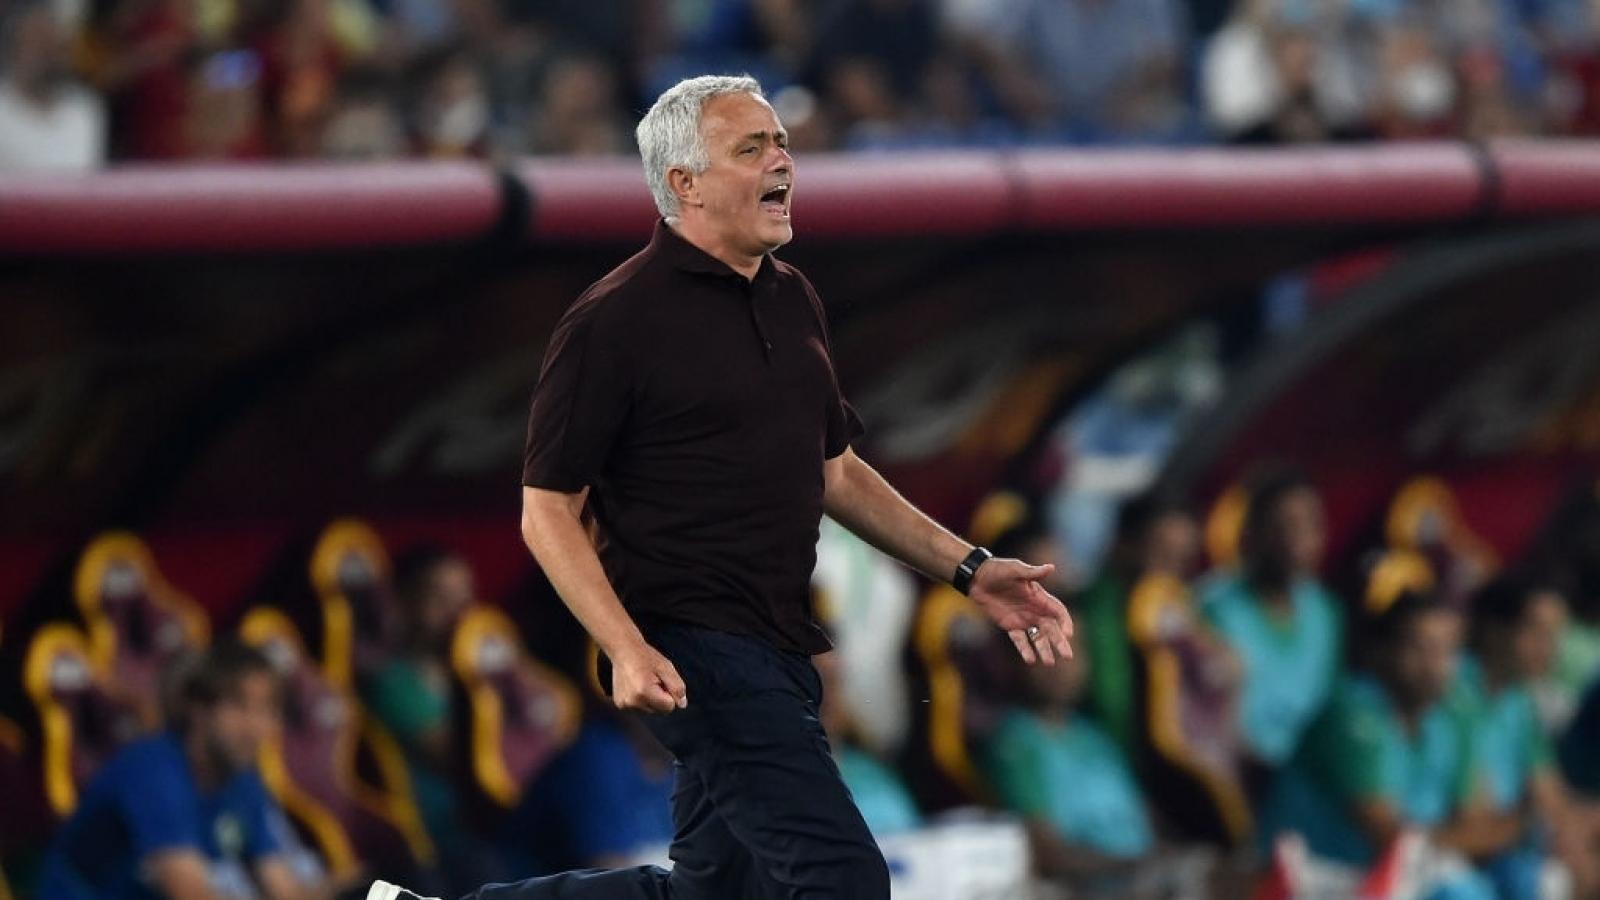 HLV Mourinho ăn mừng cuồng nhiệt trong trận thứ 1000 cầm quân